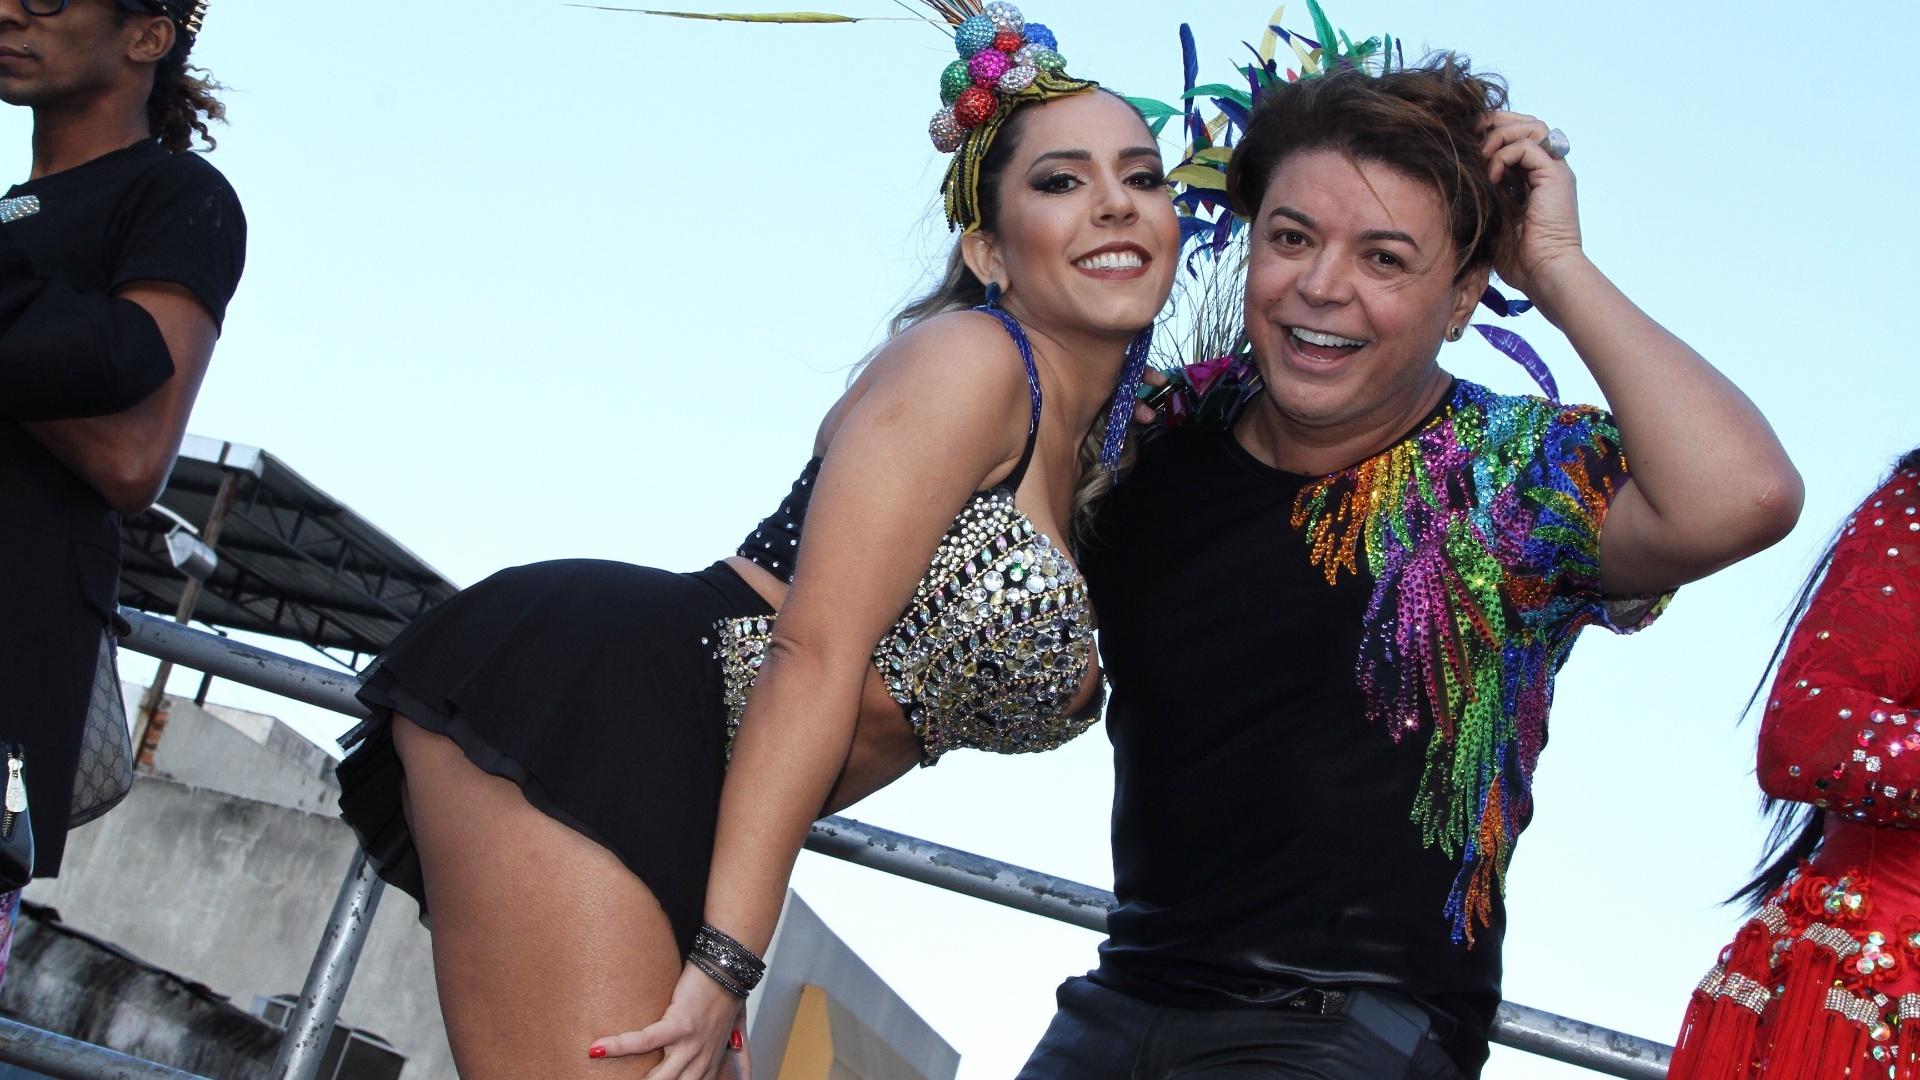 12.jun.2016 - Ao lado do amigo e promoter David Brazil, Mulher Melão chama a atenção com o bumbum empinado para a foto. Os dois participaram da Parada LGBT em Madureira, no Rio de Janeiro